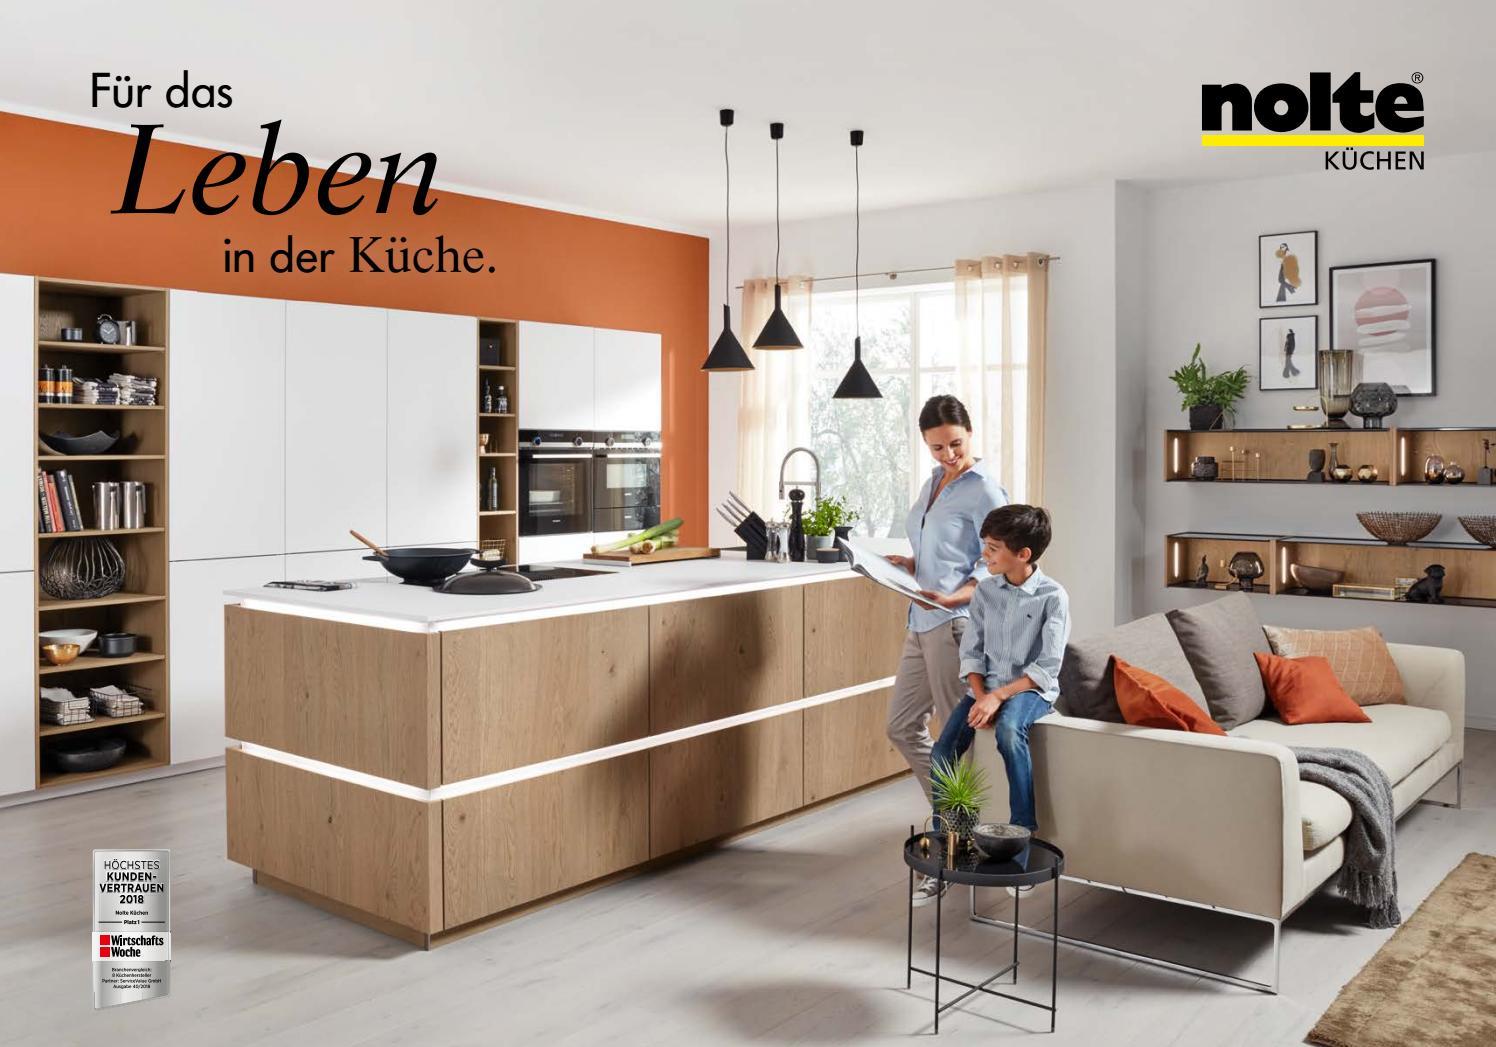 Full Size of Nolte Kchen Magazin 2019 By Nldm Küche Schlafzimmer Apothekerschrank Betten Wohnzimmer Nolte Apothekerschrank